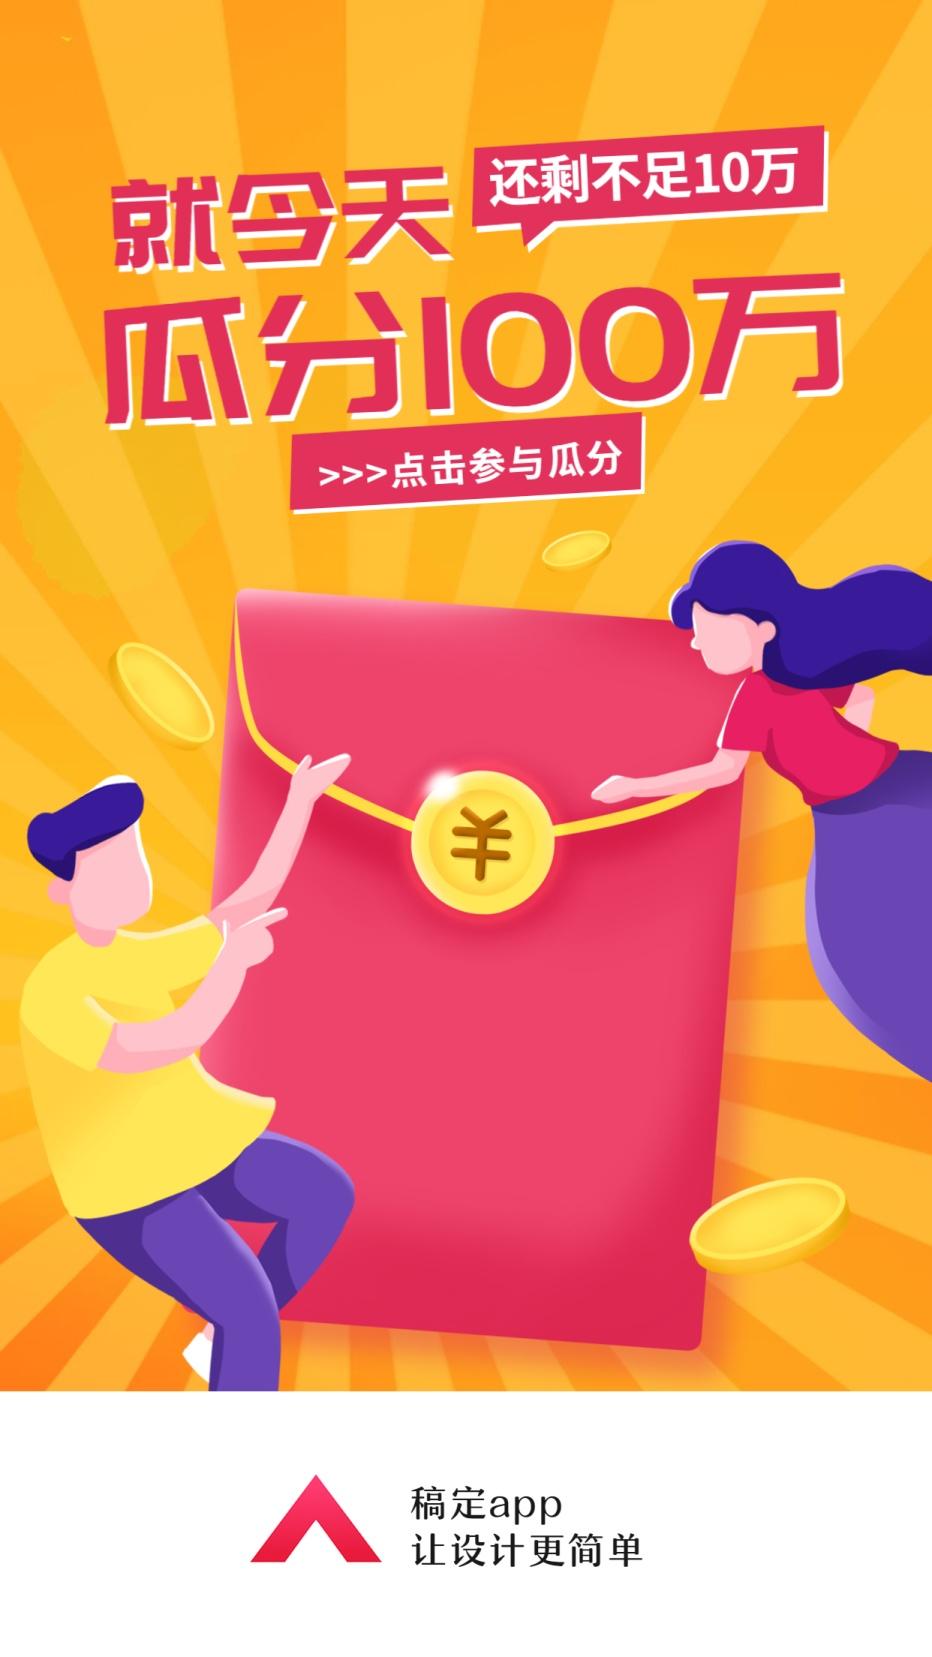 瓜分红包/插画/手机海报